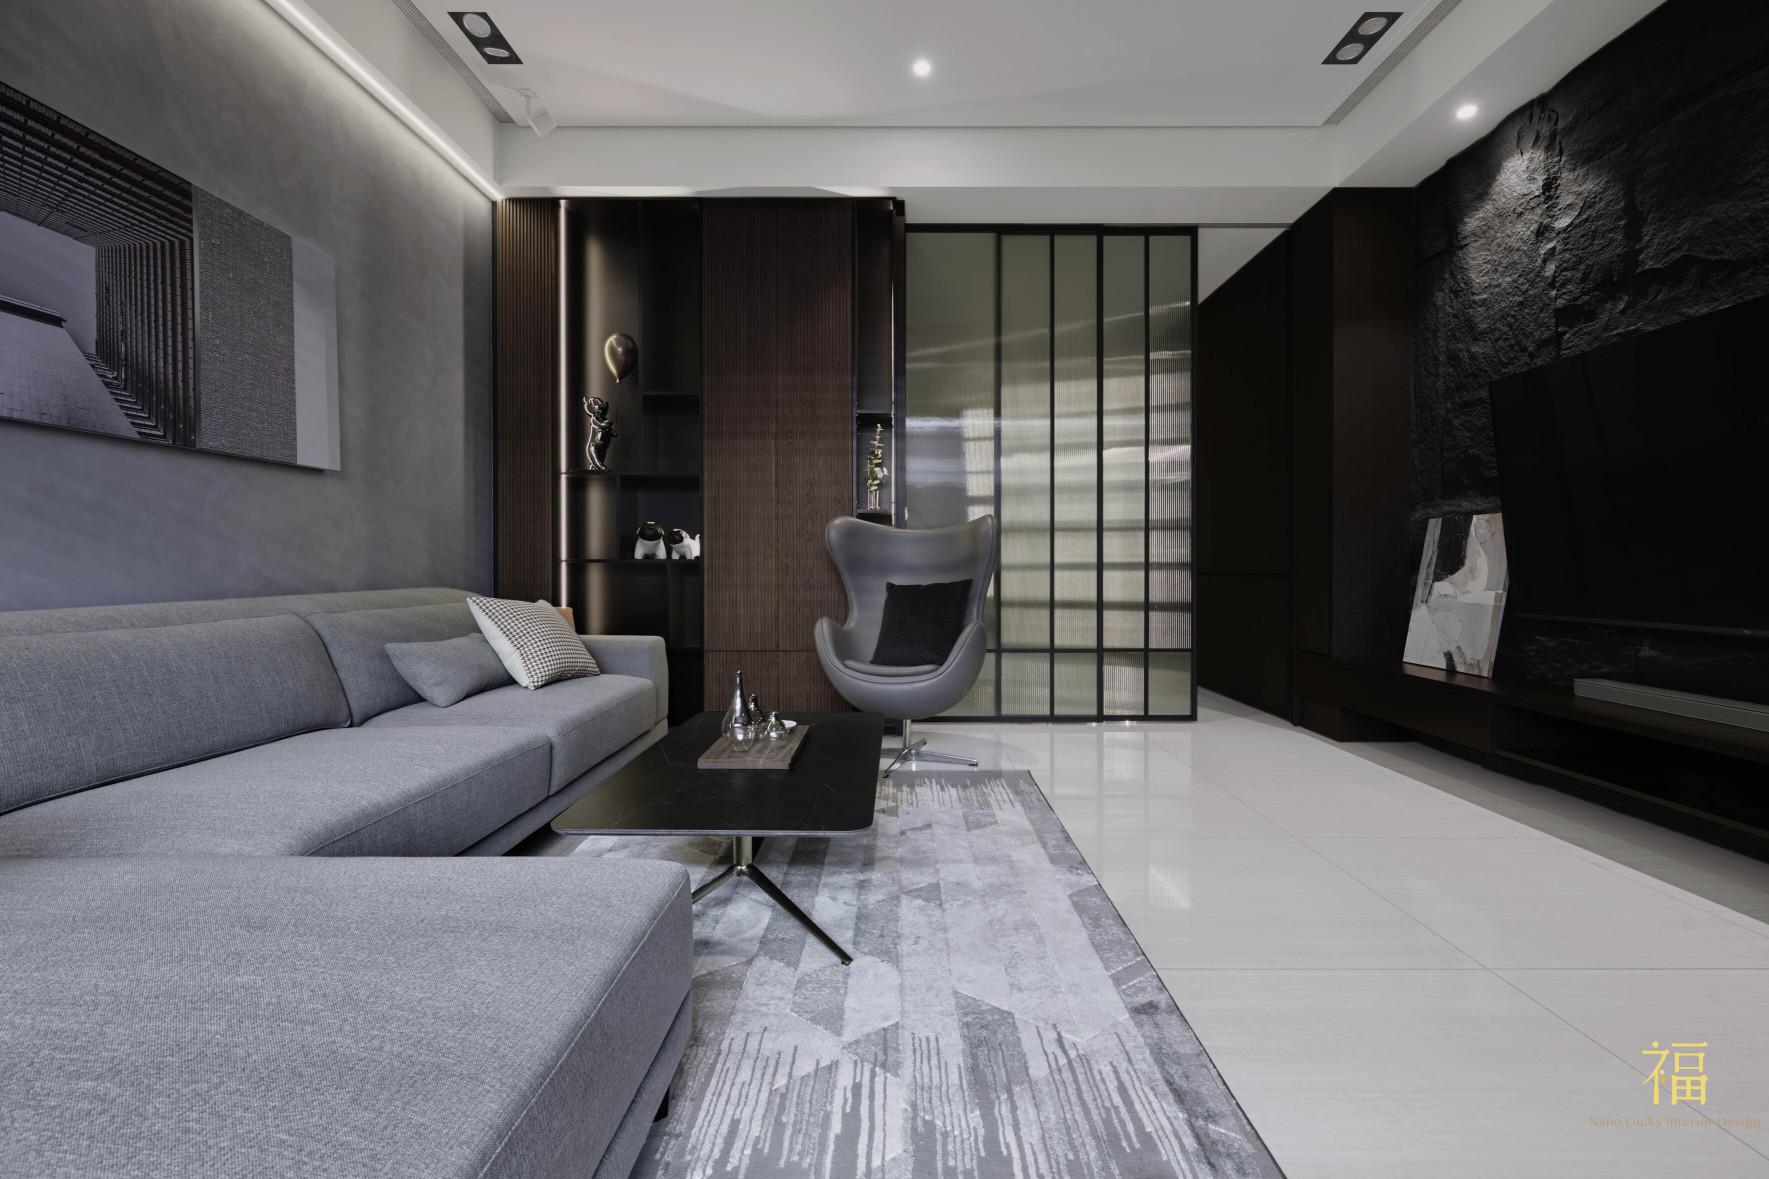 福宅雅居|複層住宅空間|嘉義住宅空間設計